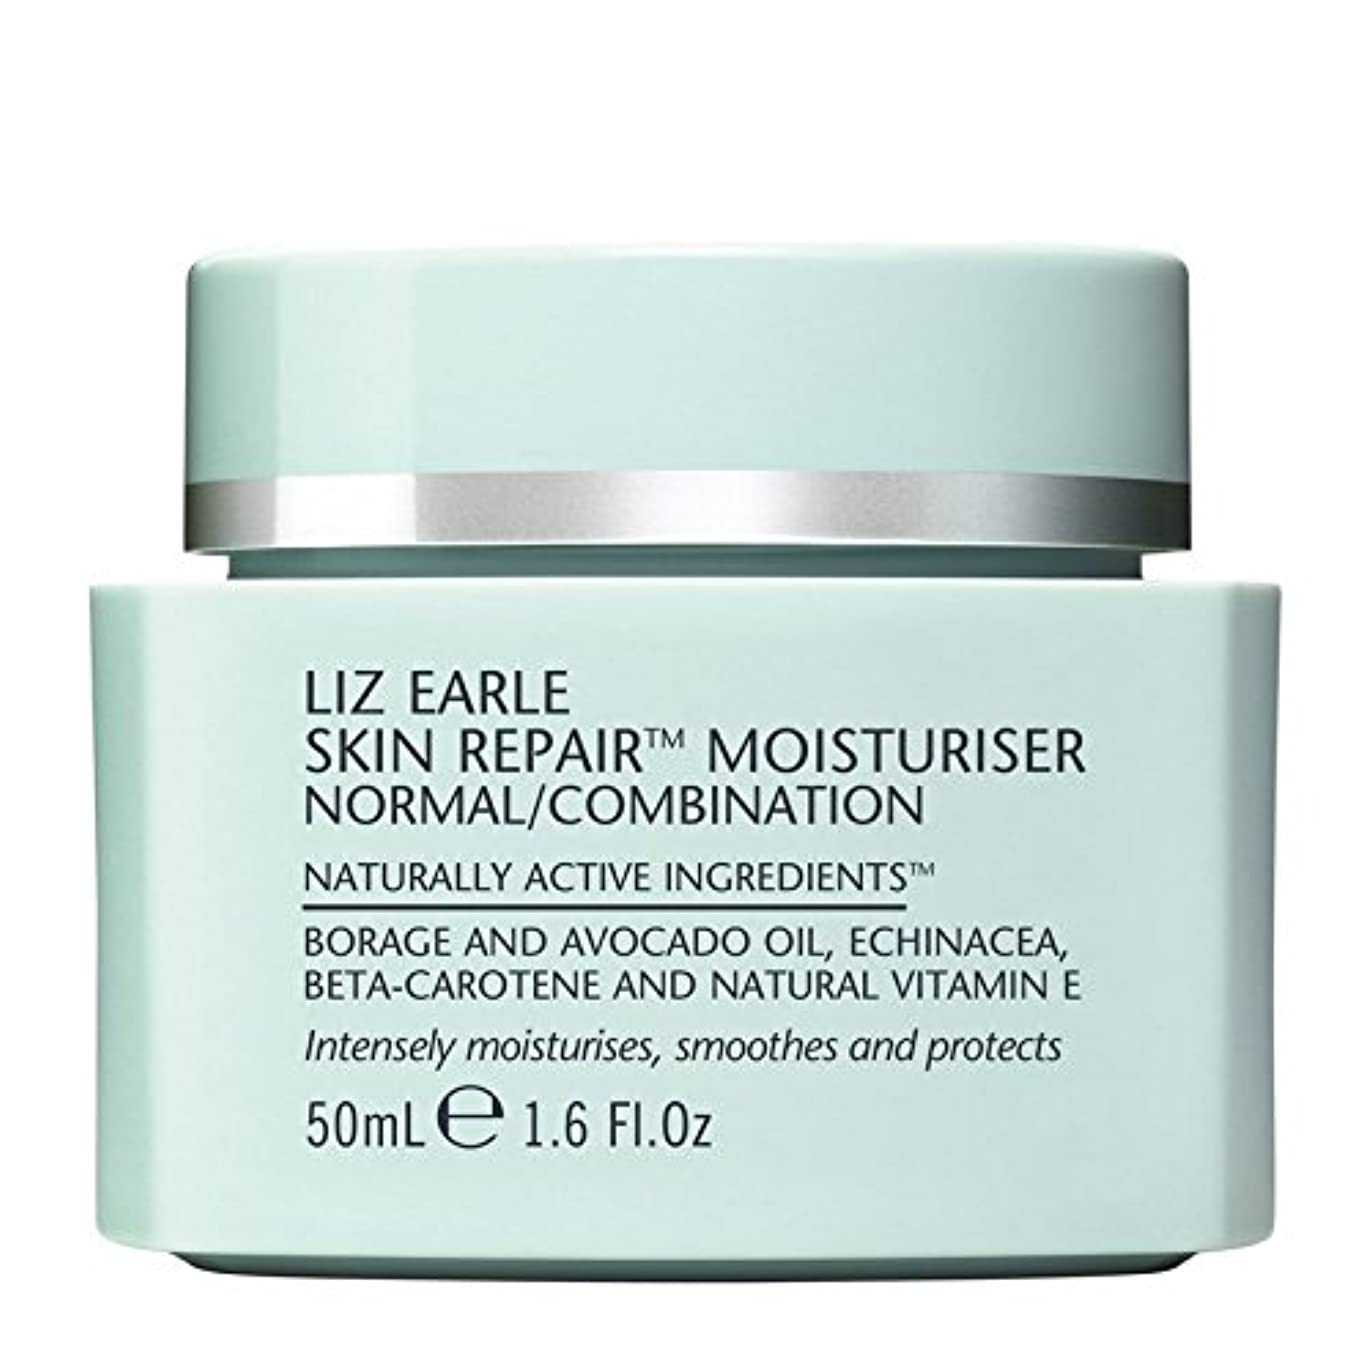 明るい知り合いになる平らなリズアールスキンリペアモイスチャライザーノーマル/コンビネーション50ミリリットル x2 - Liz Earle Skin Repair Moisturiser Normal/Combination 50ml (Pack...